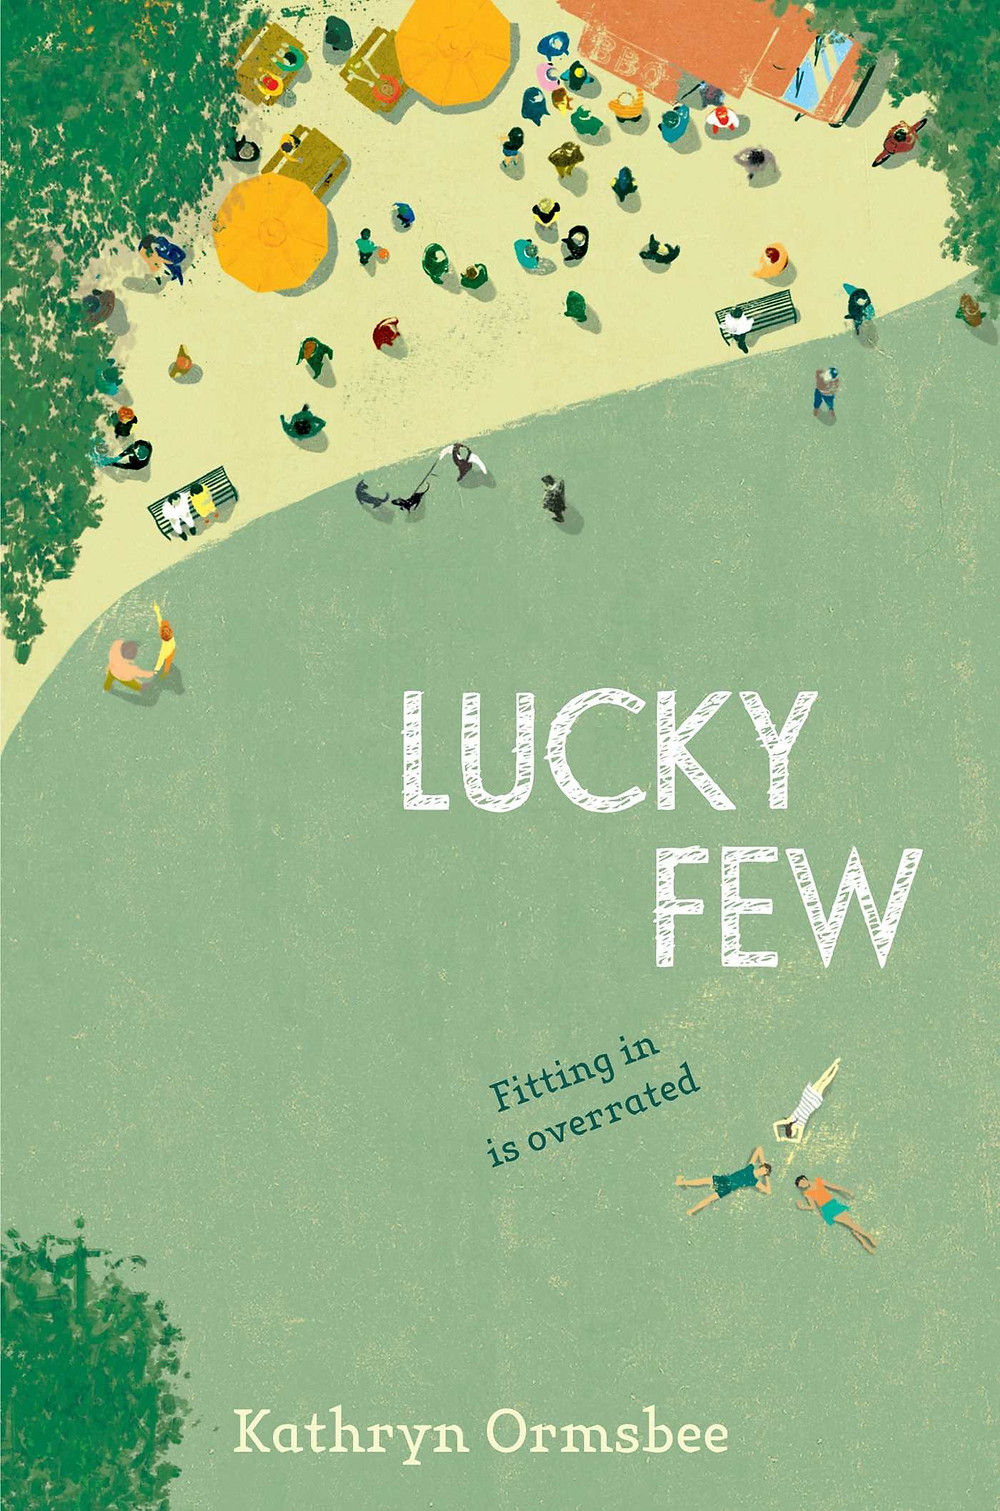 Lucky Few by Kathryn Ormsbee